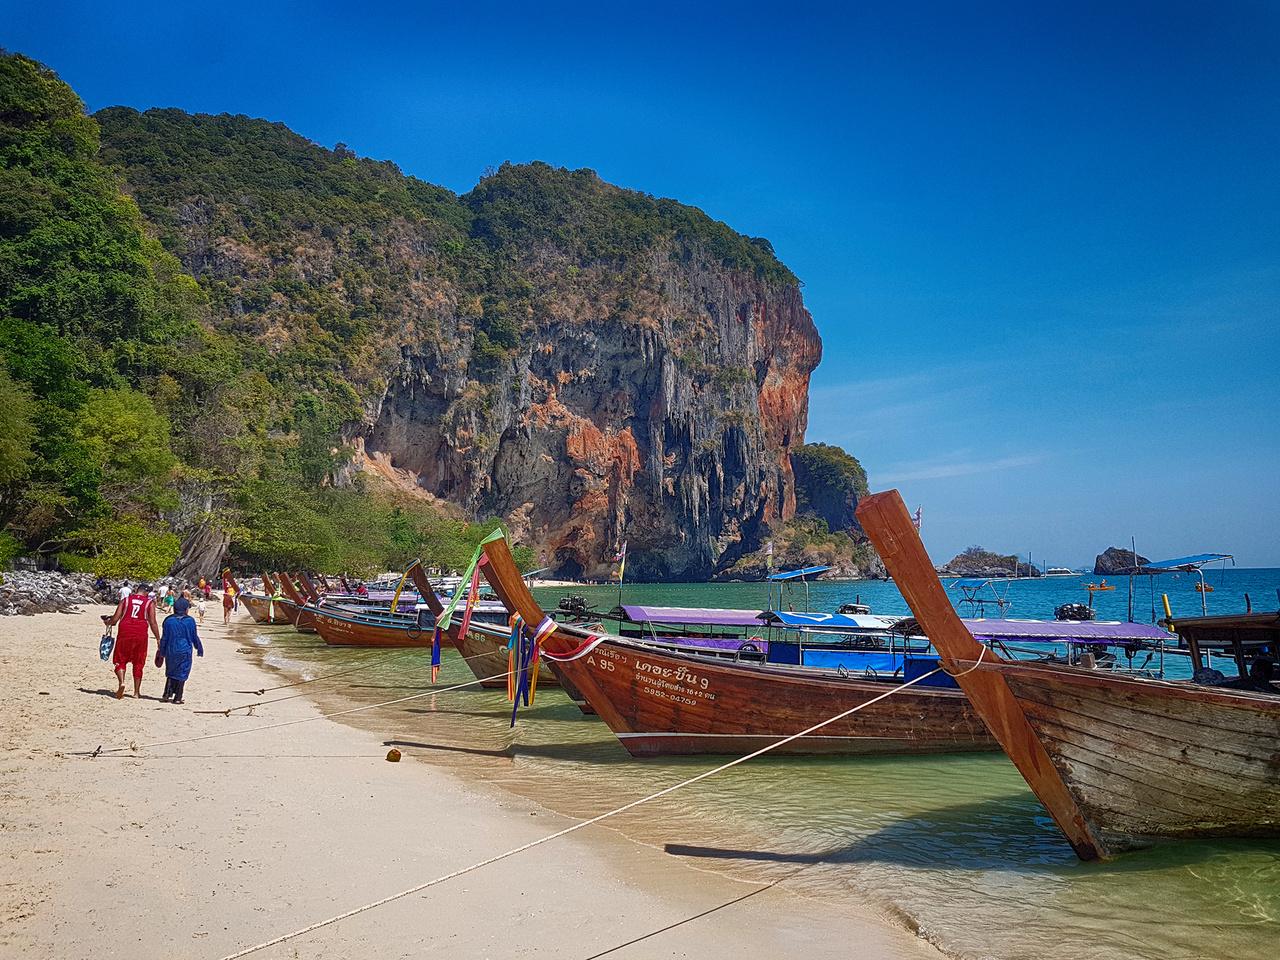 Nincsen Thaiföld longtail boatok nélkül. Ezek az ikonikussá vált, fából készült hajók teszik ki a hajóállomány jelentős részét, a hajtásukról kapták a nevüket. Jellemzően Nissan (használnak Isuzut is) motor főtengelyéhez egy hosszú rúd van erősítve, melynek végén hajócsavar forog, ezt engedik le a vízbe, a kézigázt pedig zsinórral vagy rudazattal, a másik kézzel vezérlik. Pofonegyszerű, tartós megoldás